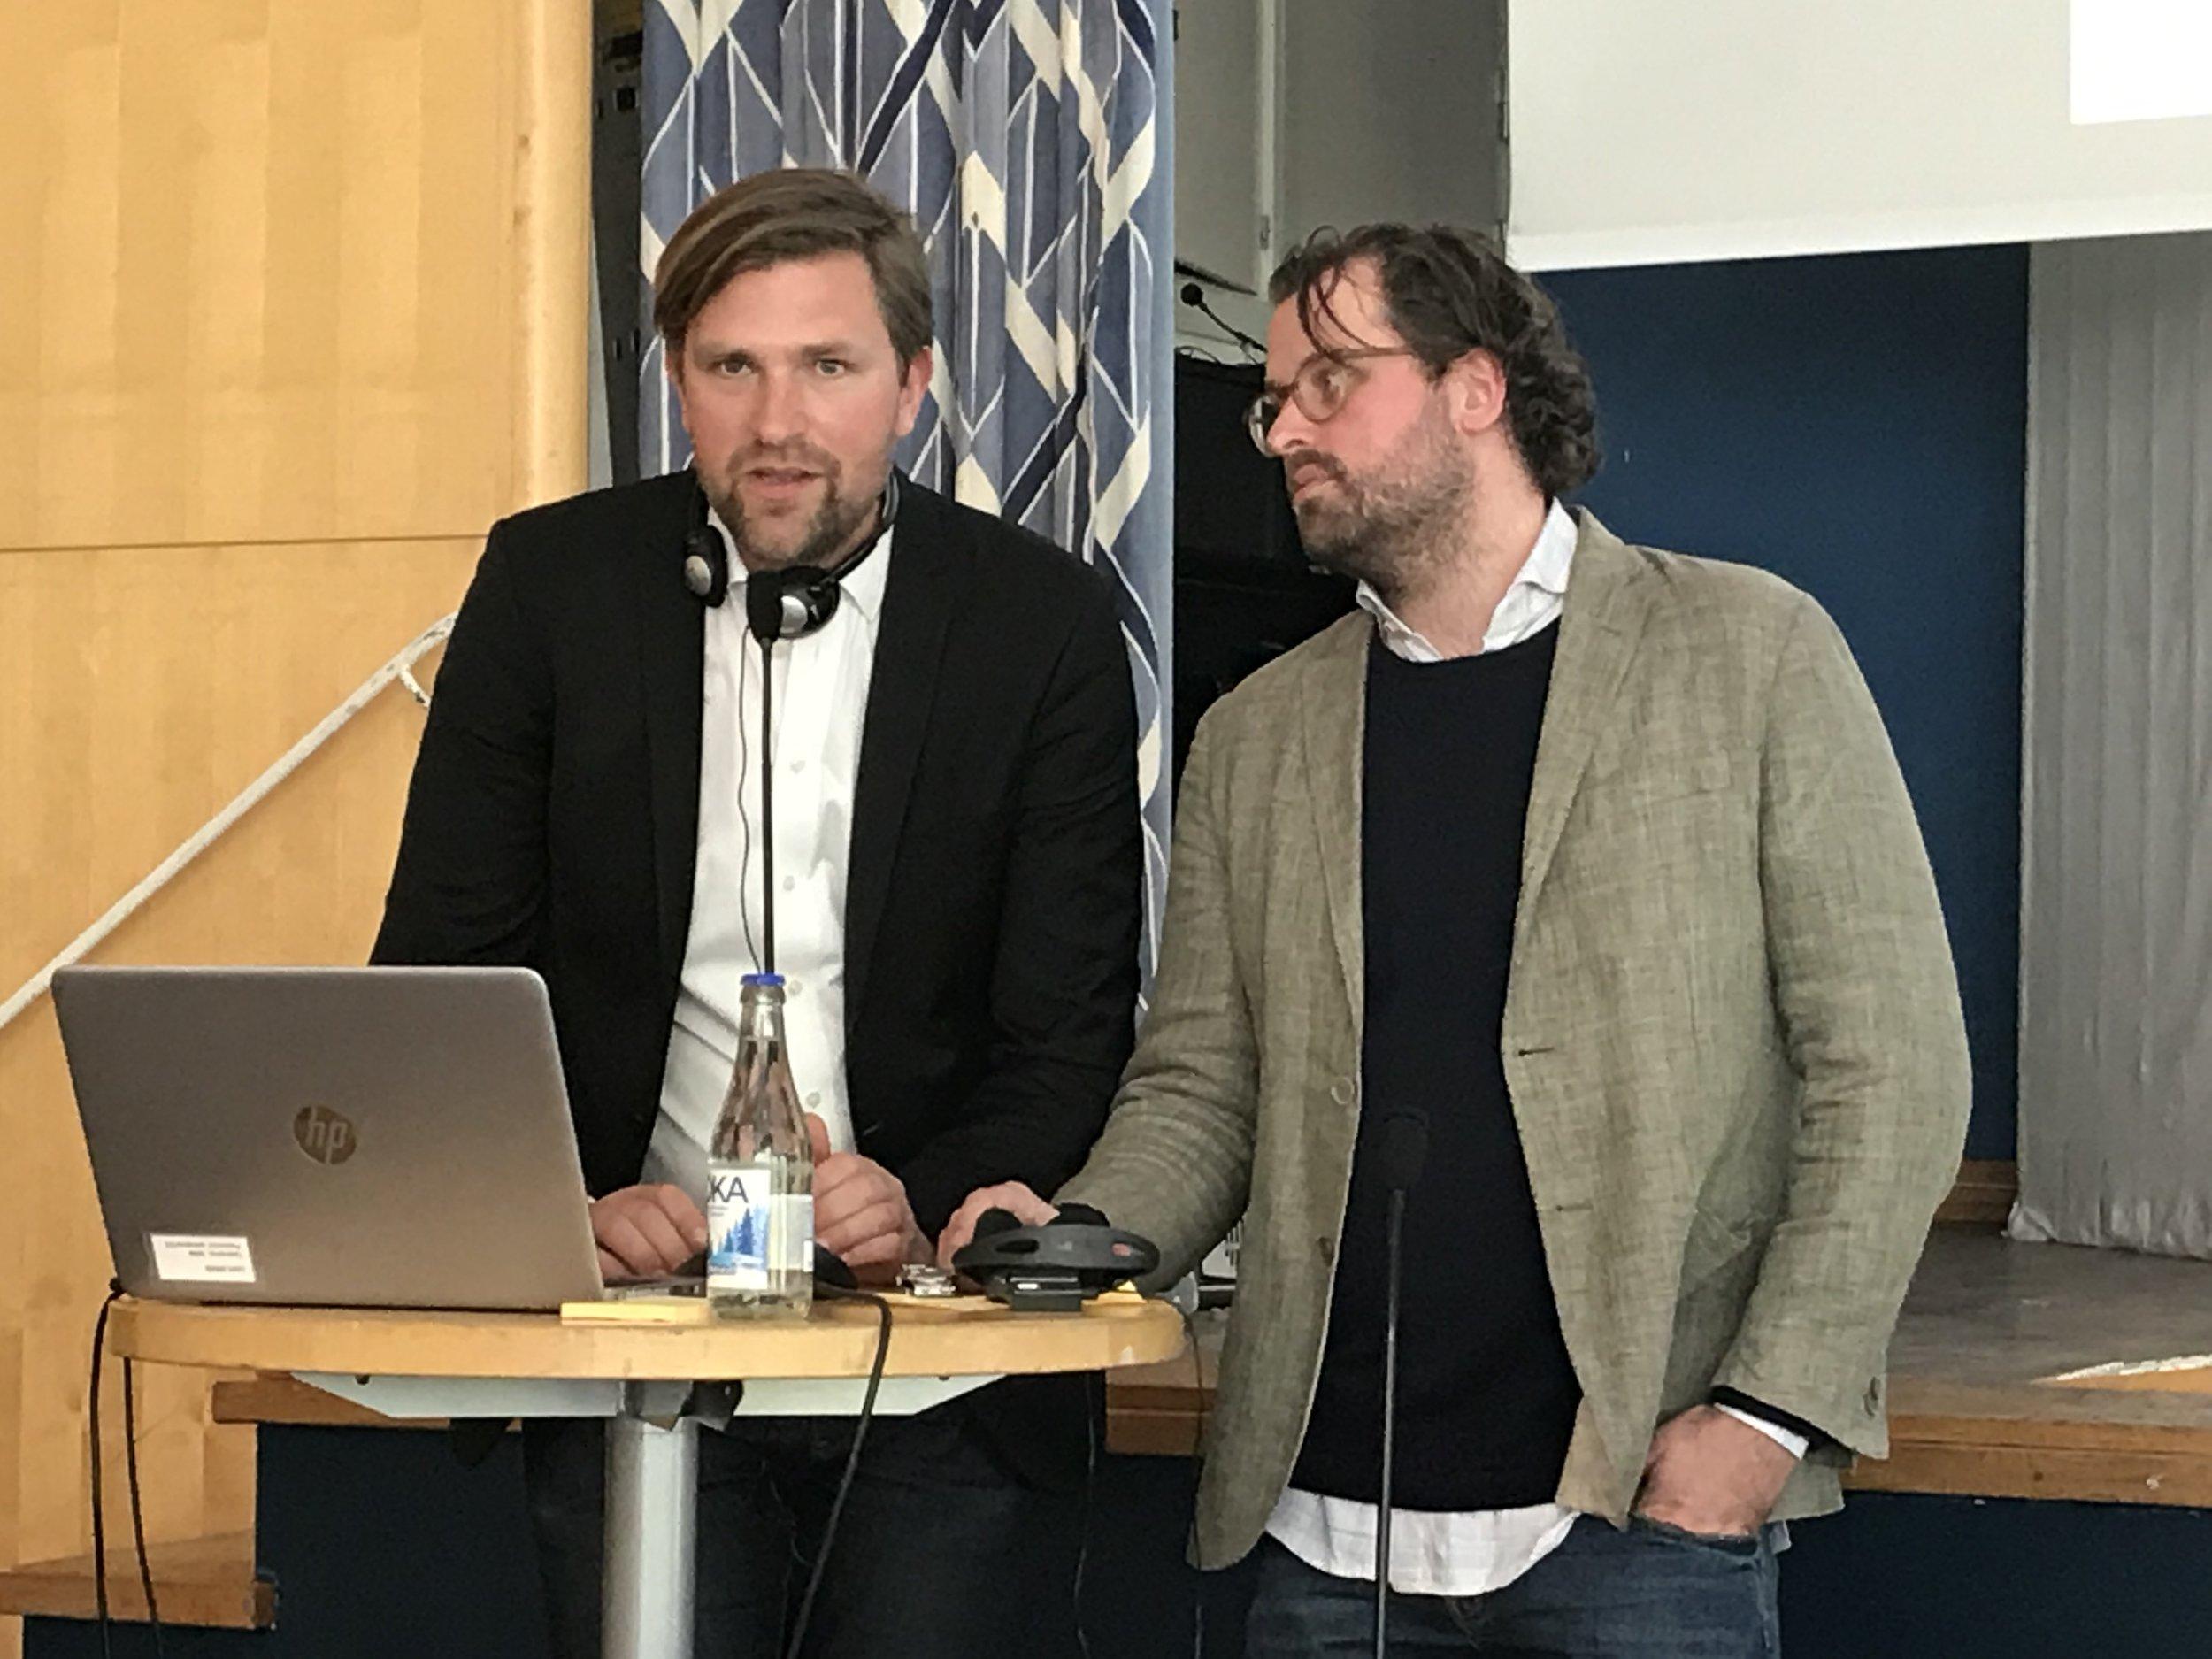 Исак Нильсон и Эрик Викберг на семинаре «Что заставляет общество работать». Фото: Константин Дорошенко